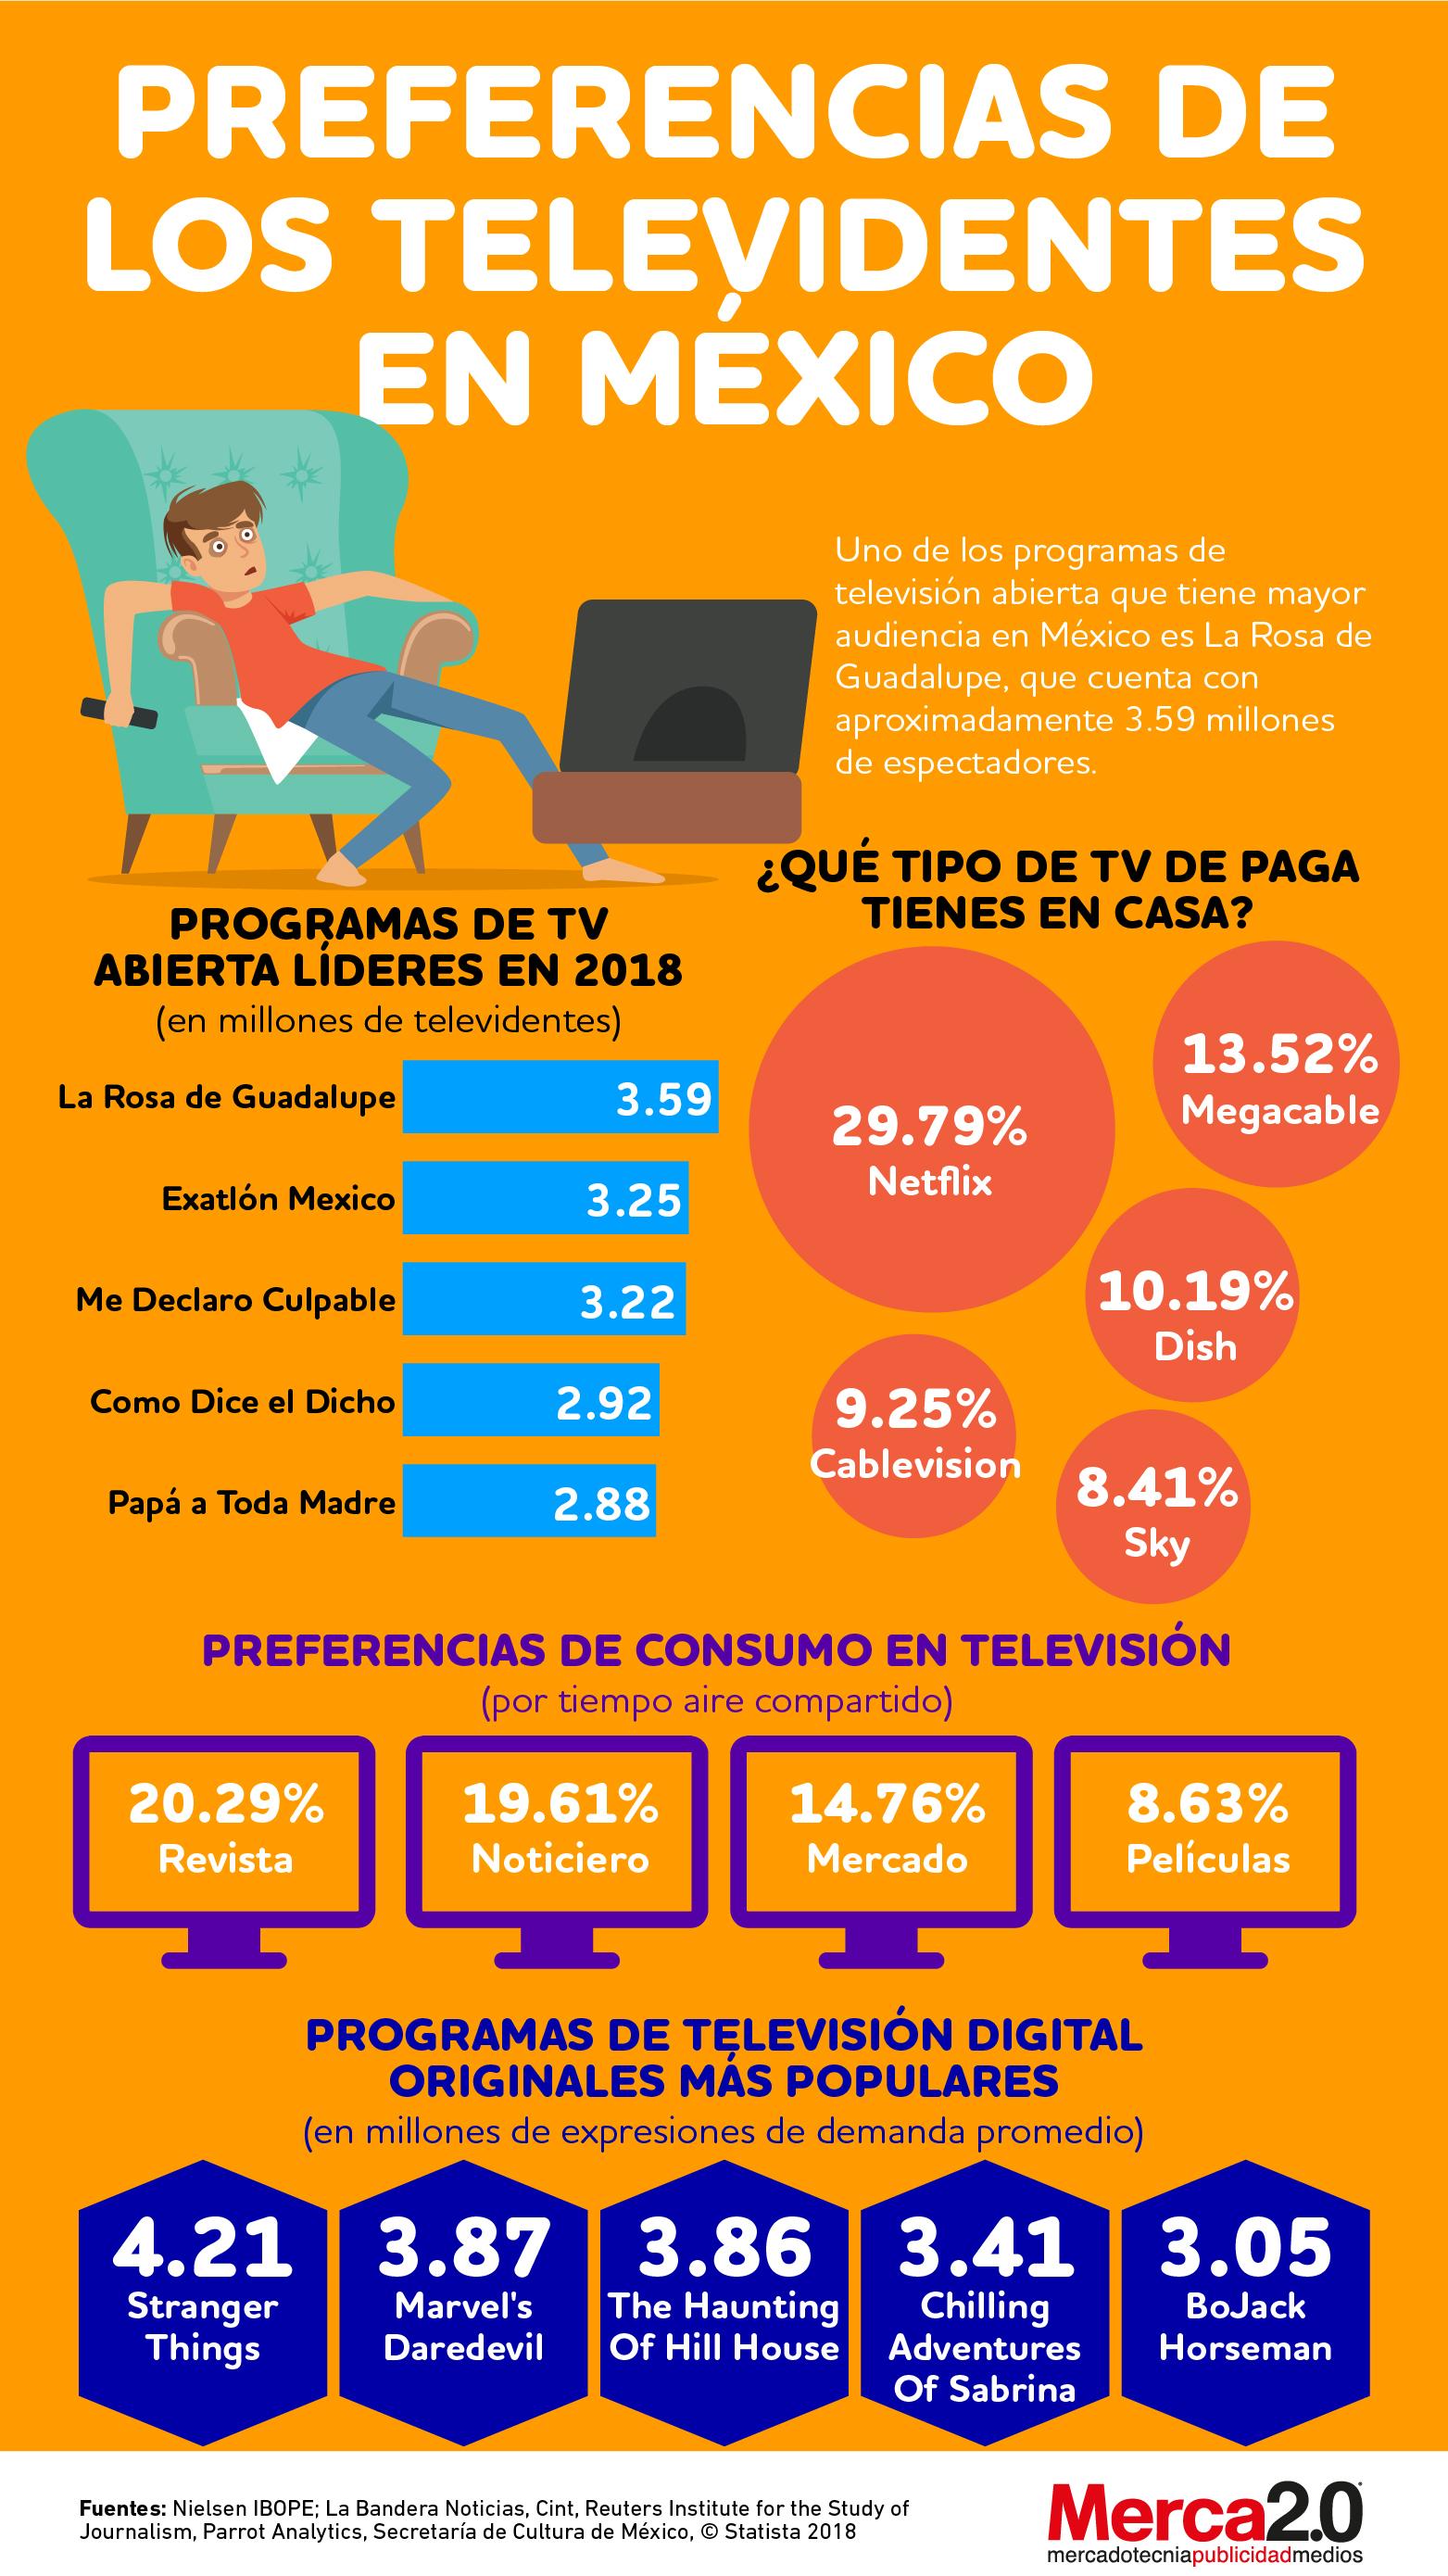 Qué ocurrió con la TV abierta en México durante 2018